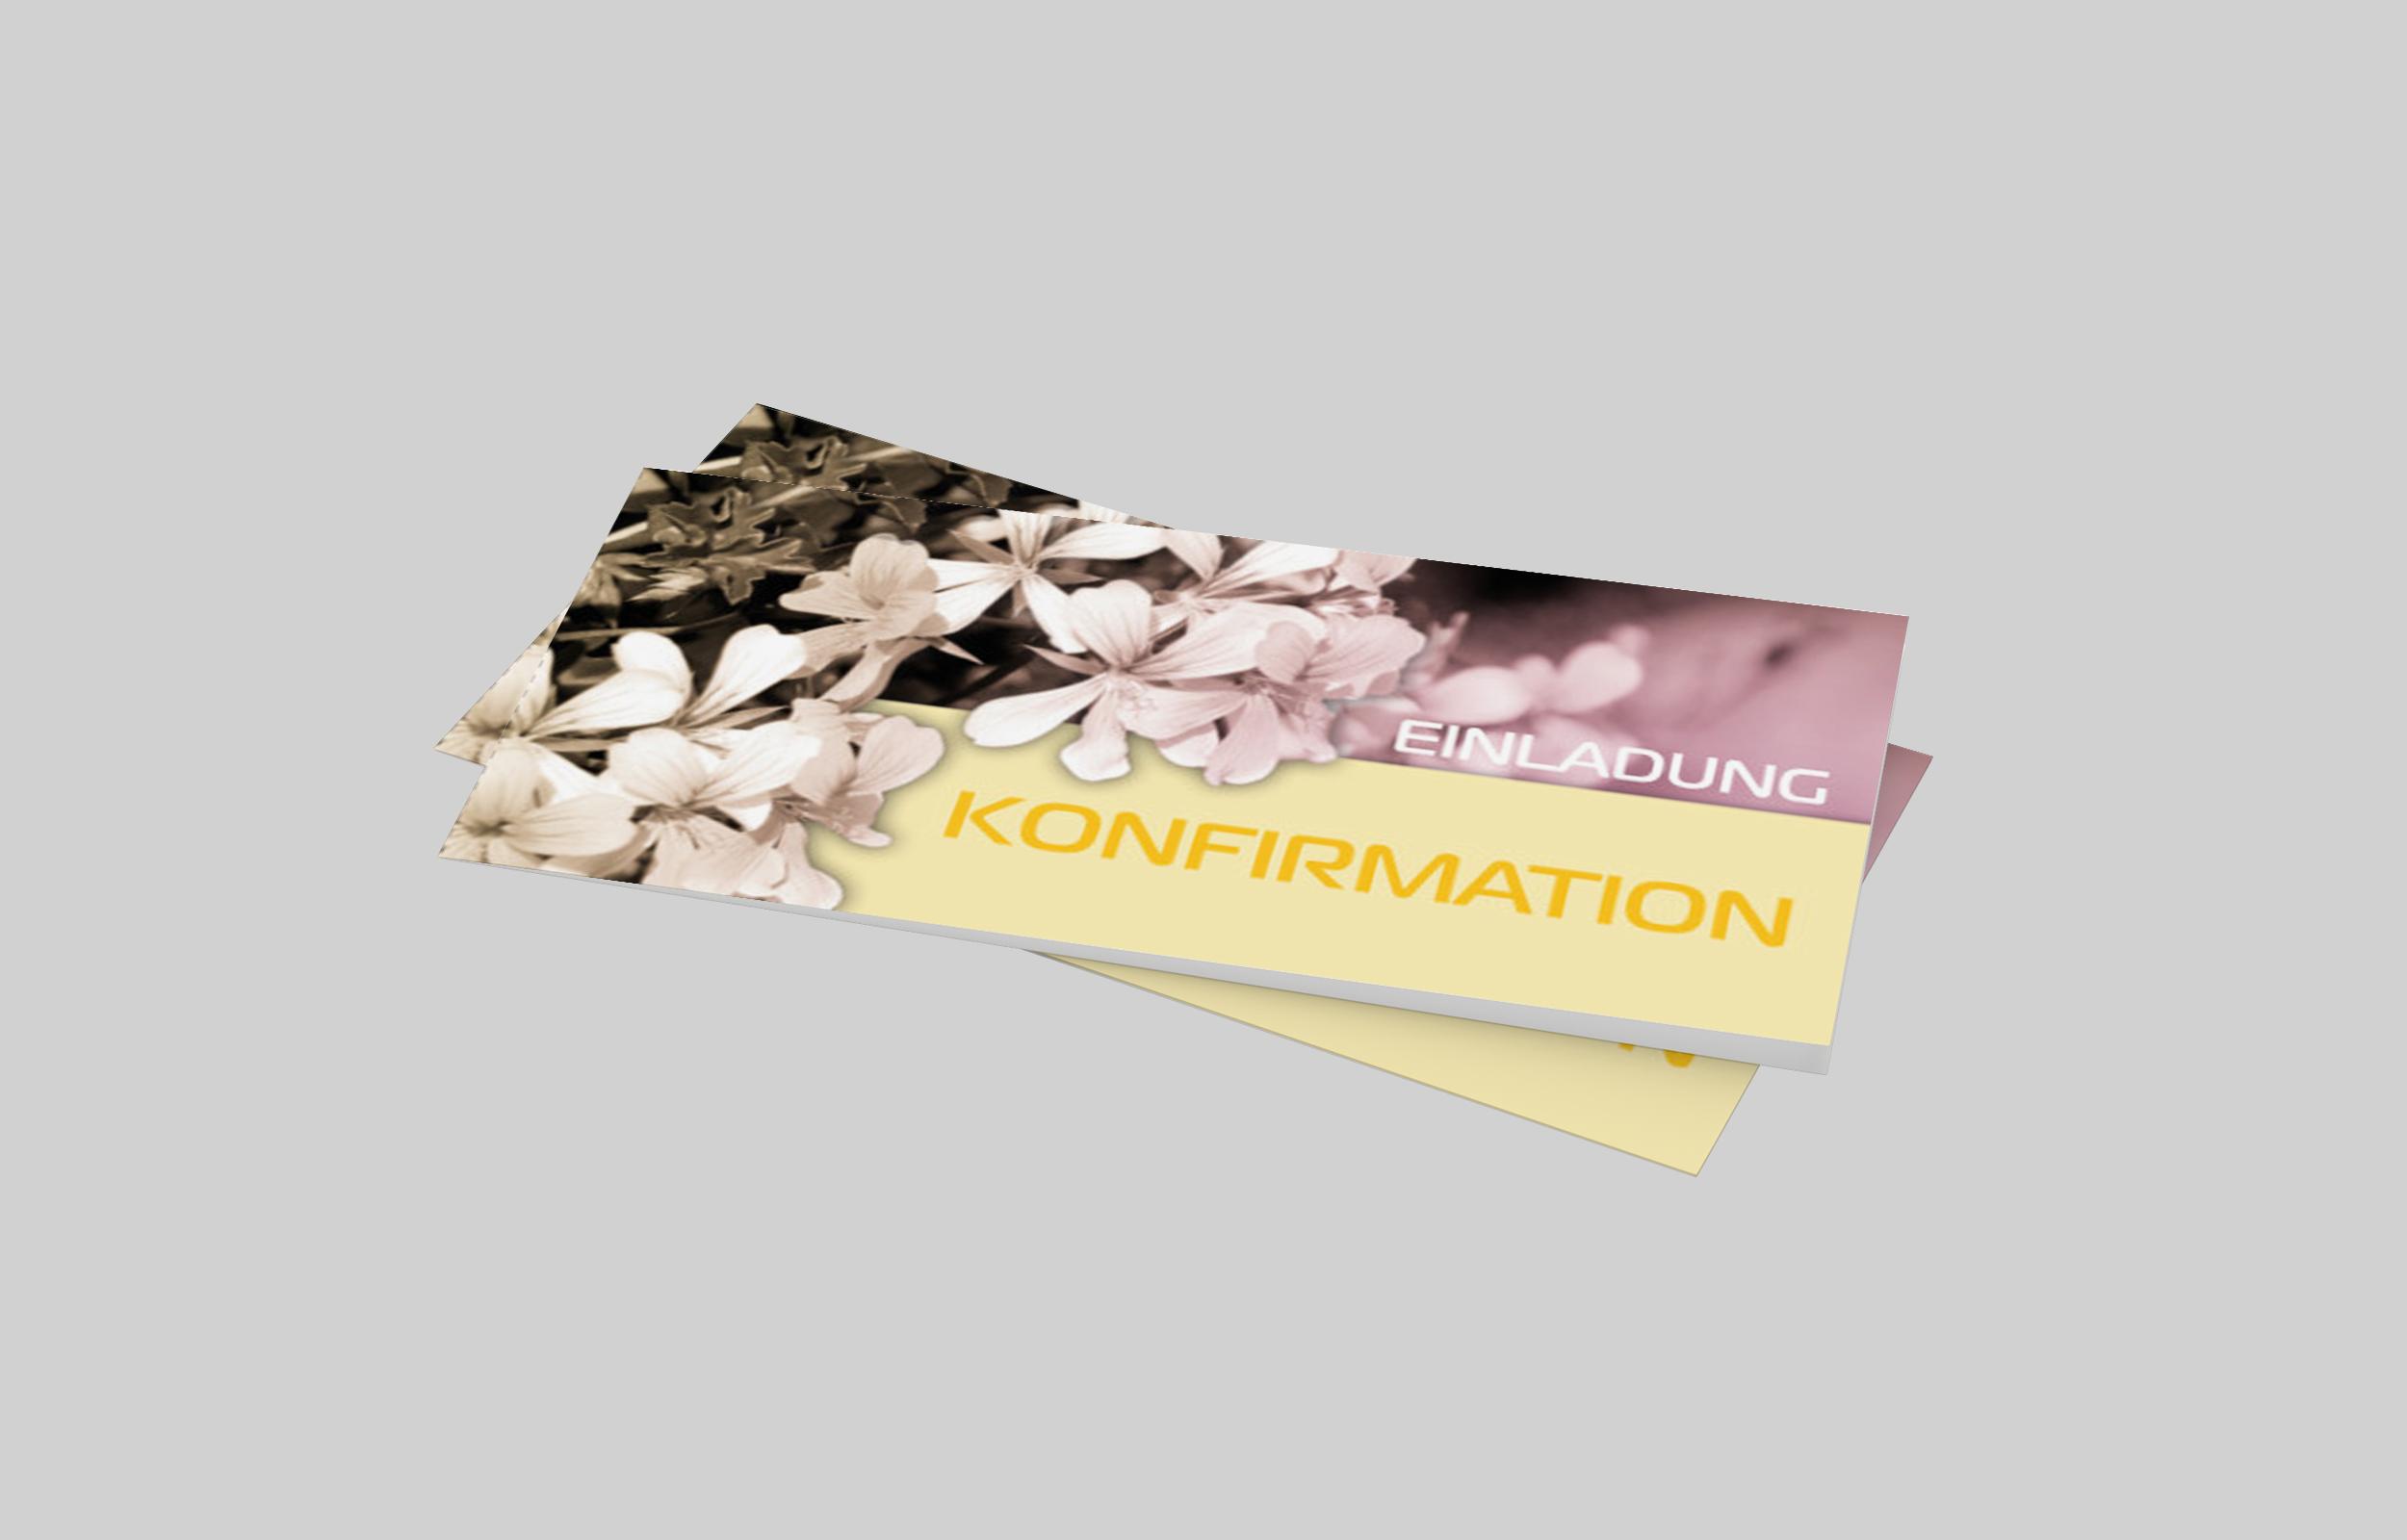 Einladungskarte Konfirmation Blumenpracht